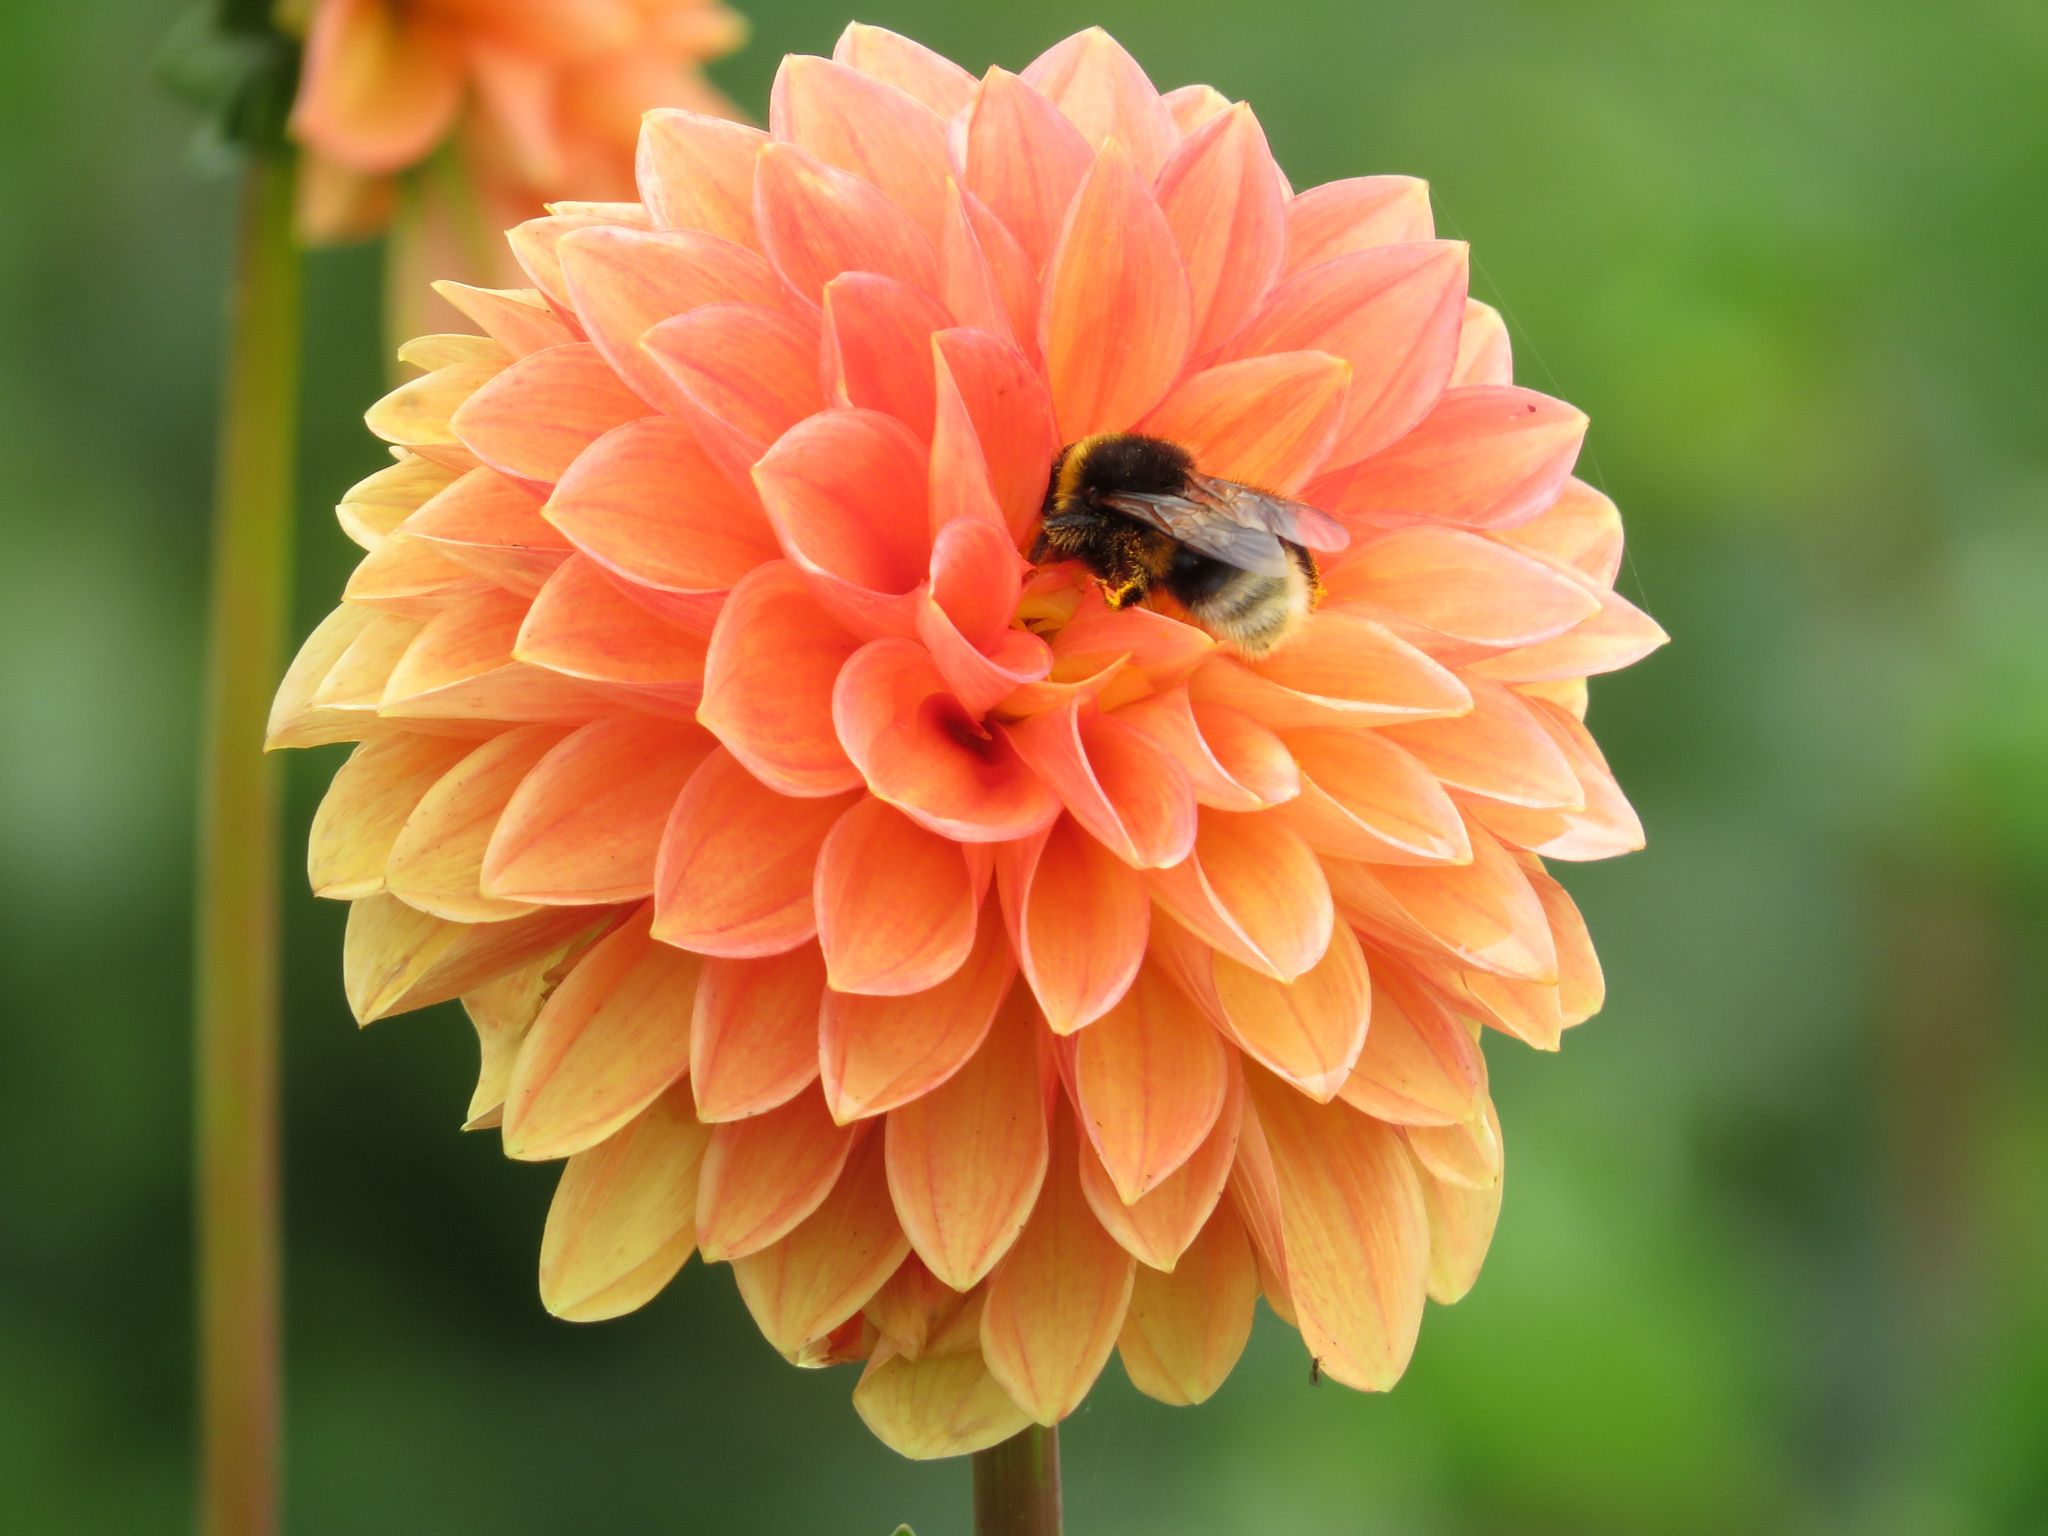 Dahlie mit Biene - null